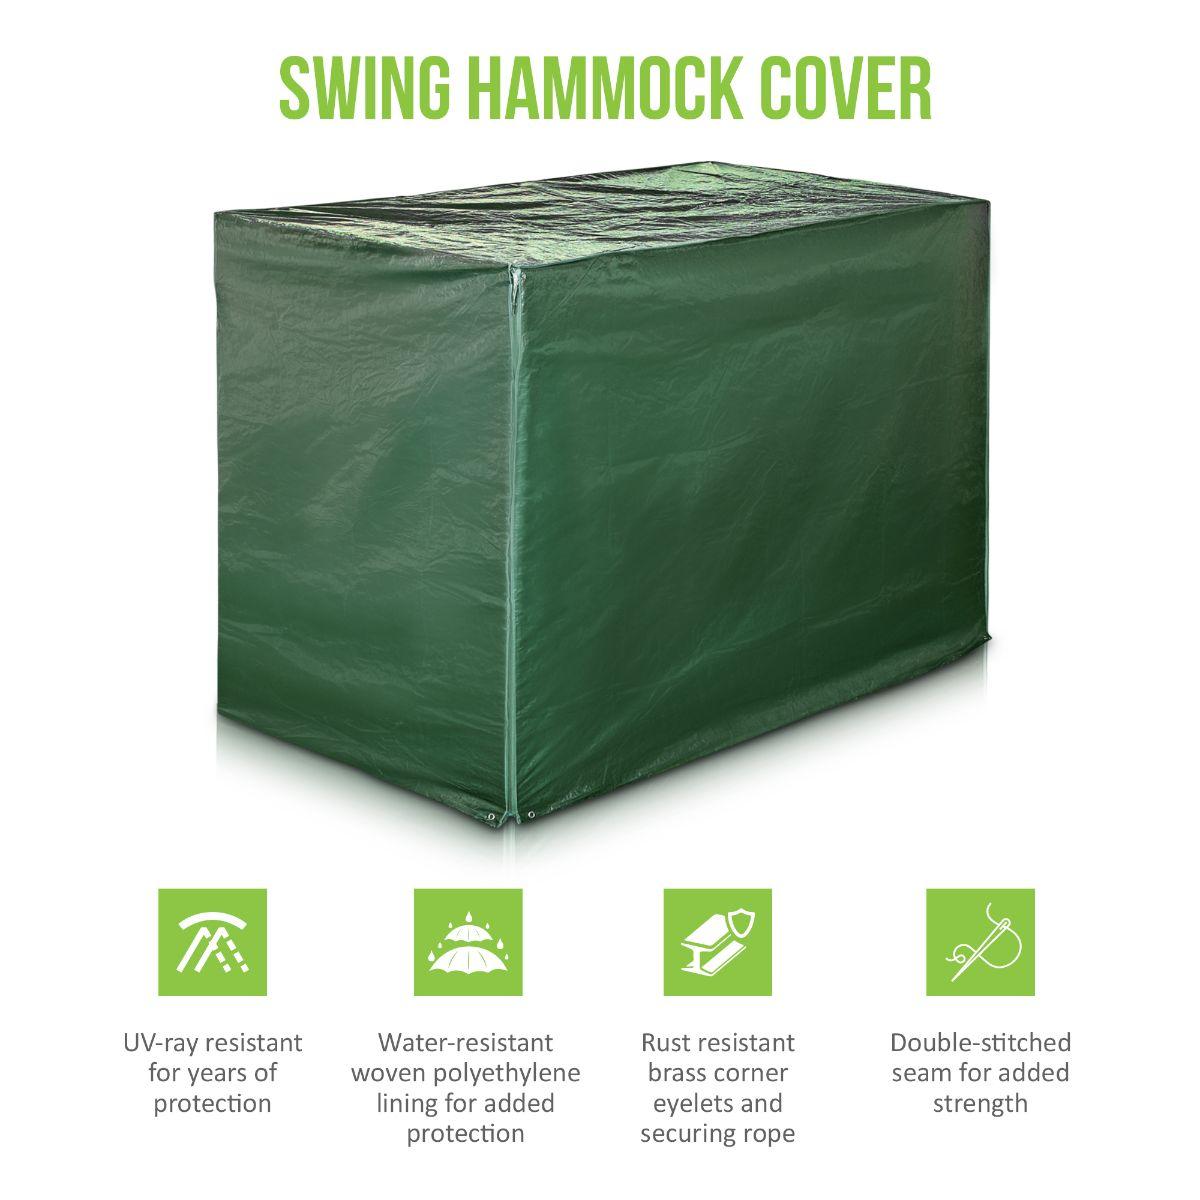 Heavy Duty Waterproof 3 Seater Swinging Garden Hammock Cover with Zips Green